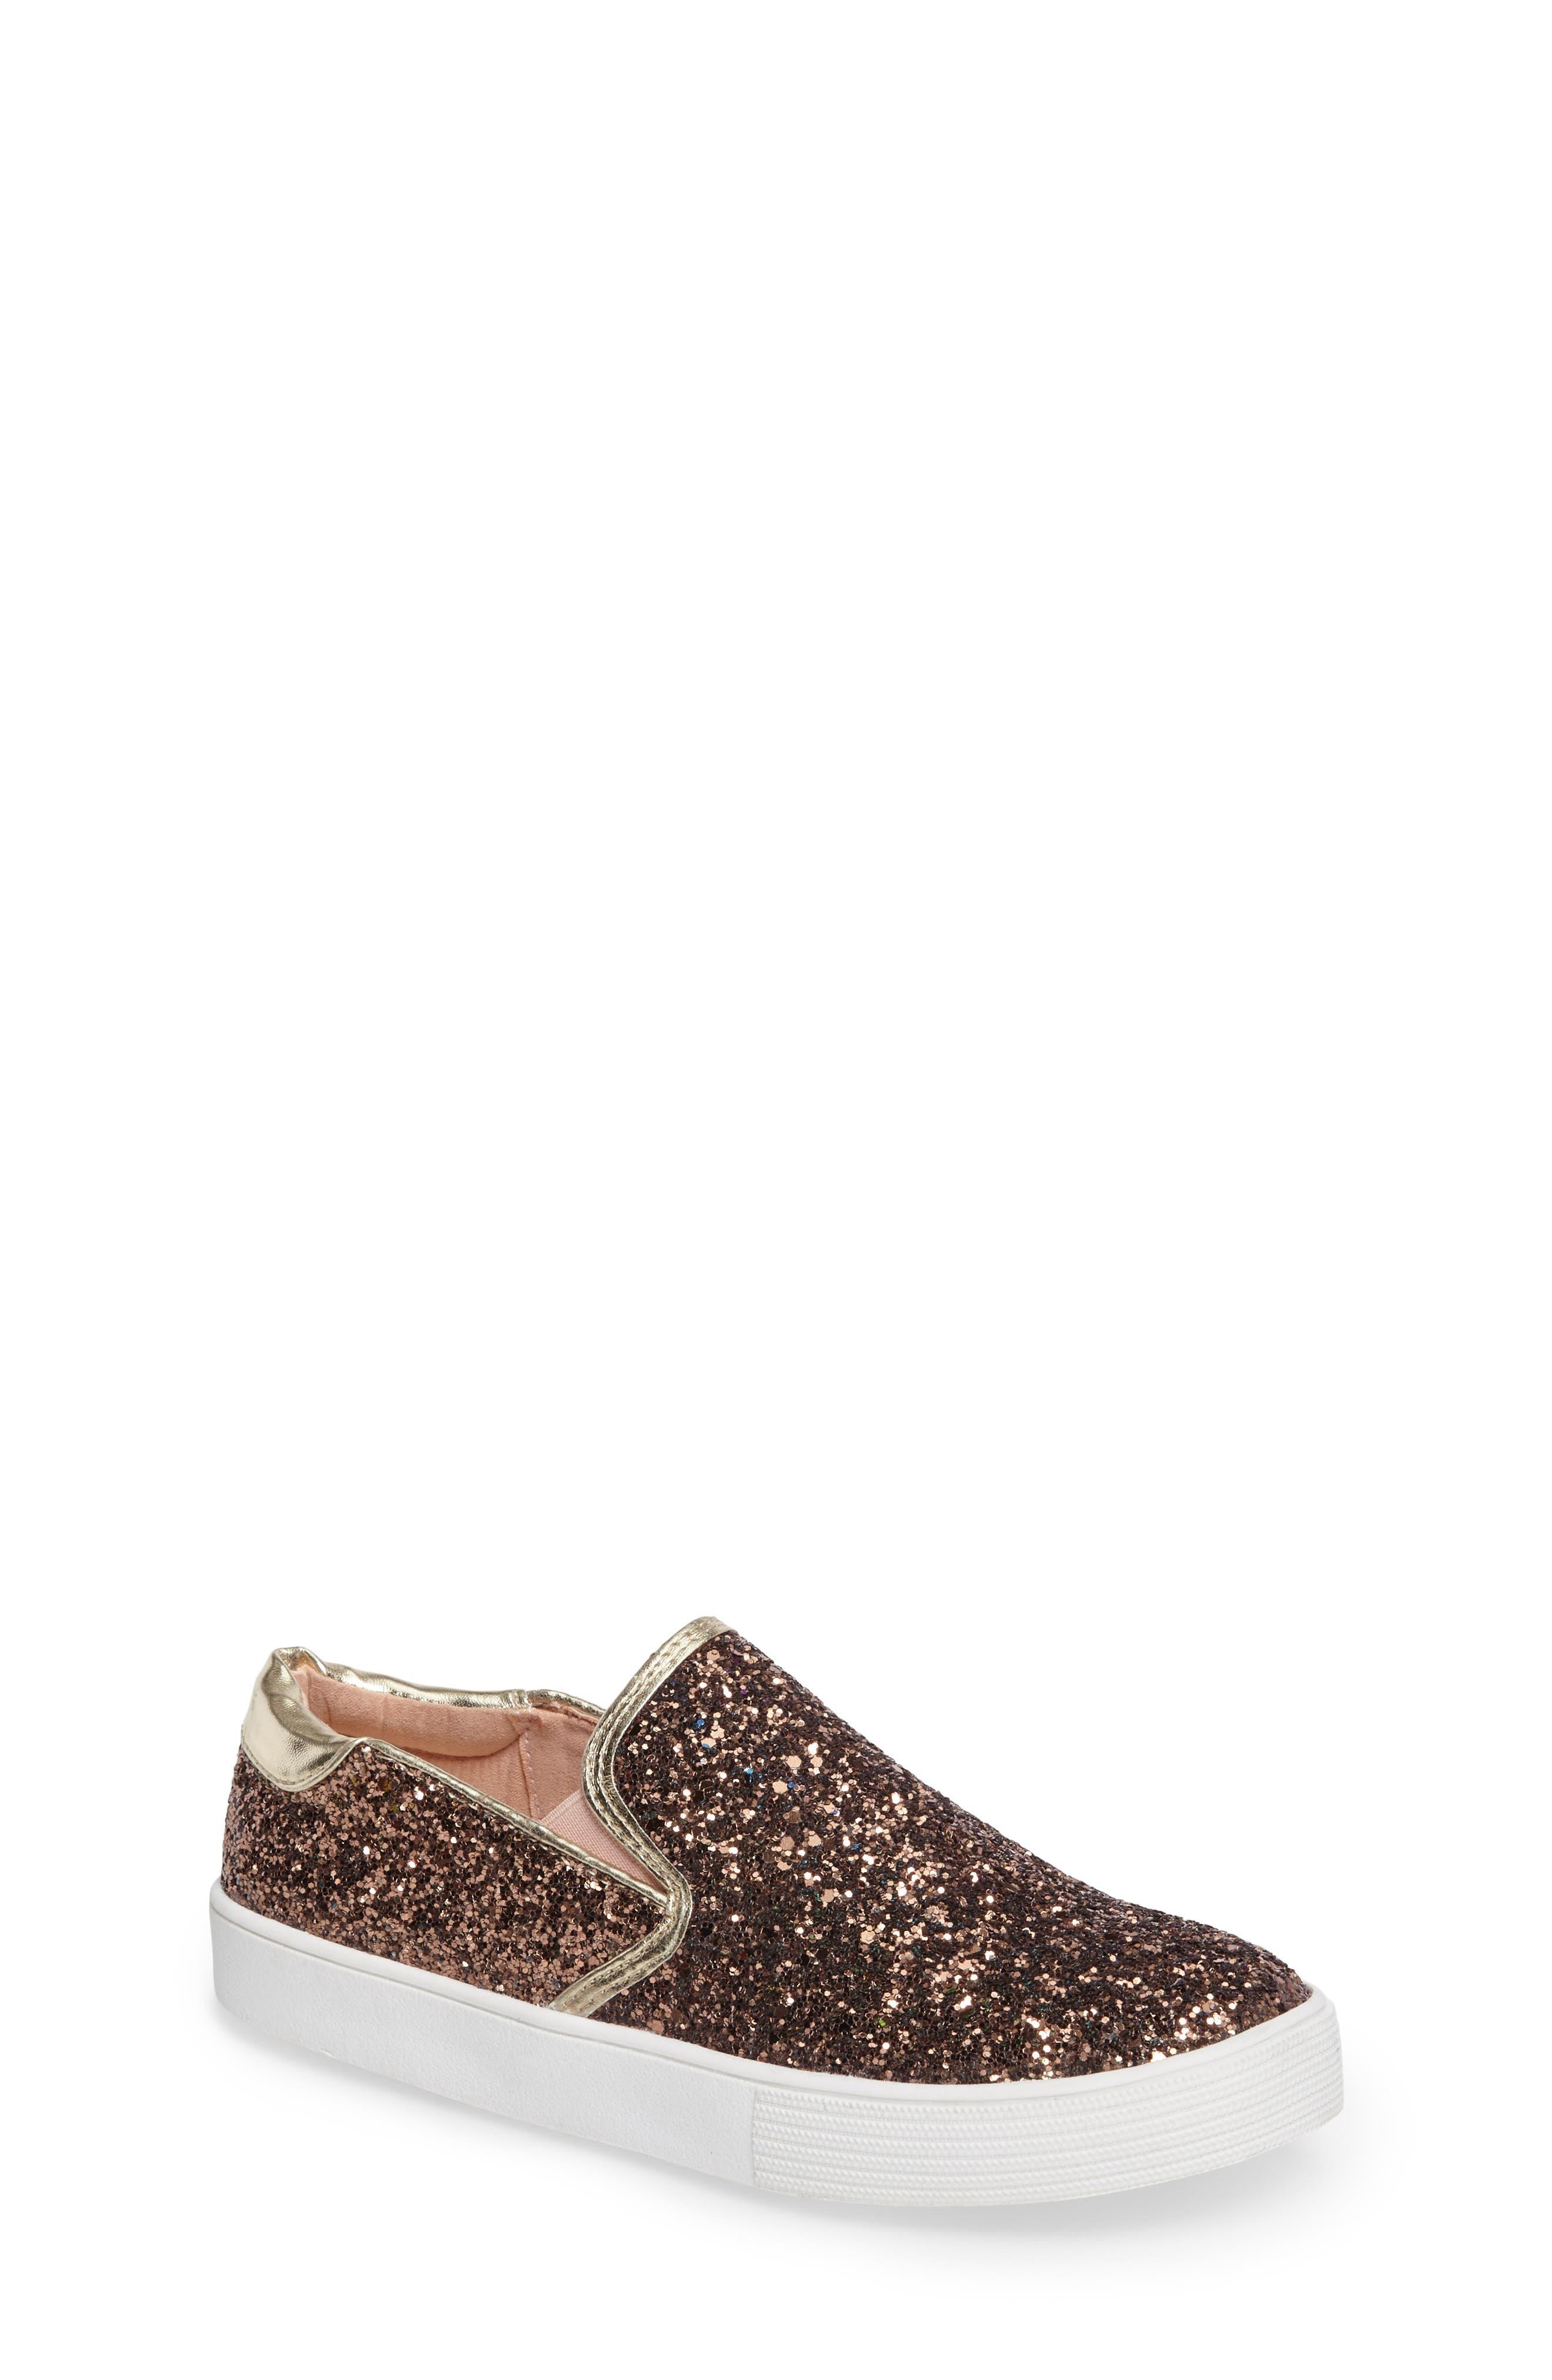 Kenneth Cole New York Cami Slip-On Glitter Sneaker (Toddler, Little Kid & Big Kid)